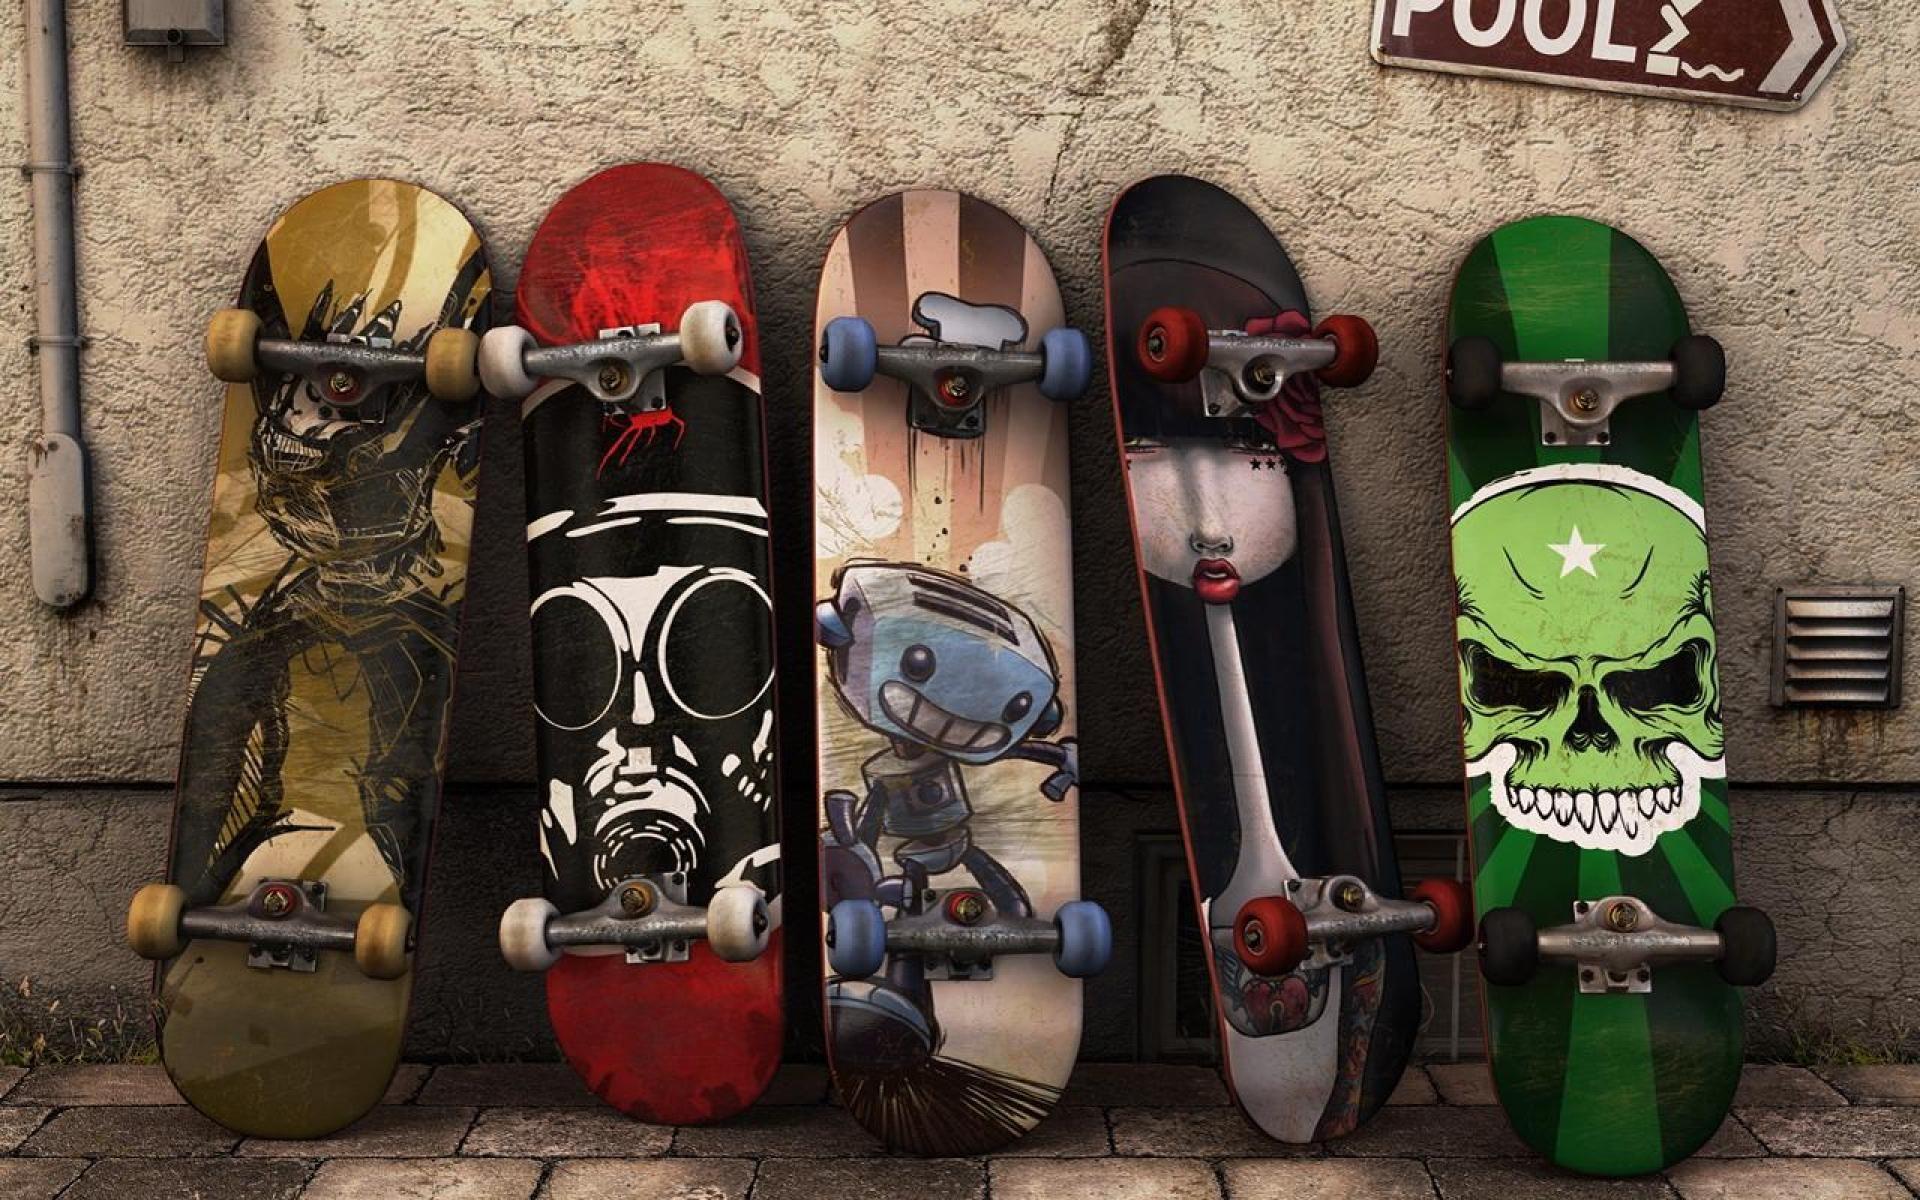 Free Vans Skateboard Wallpapers 1080p Vans Skateboard